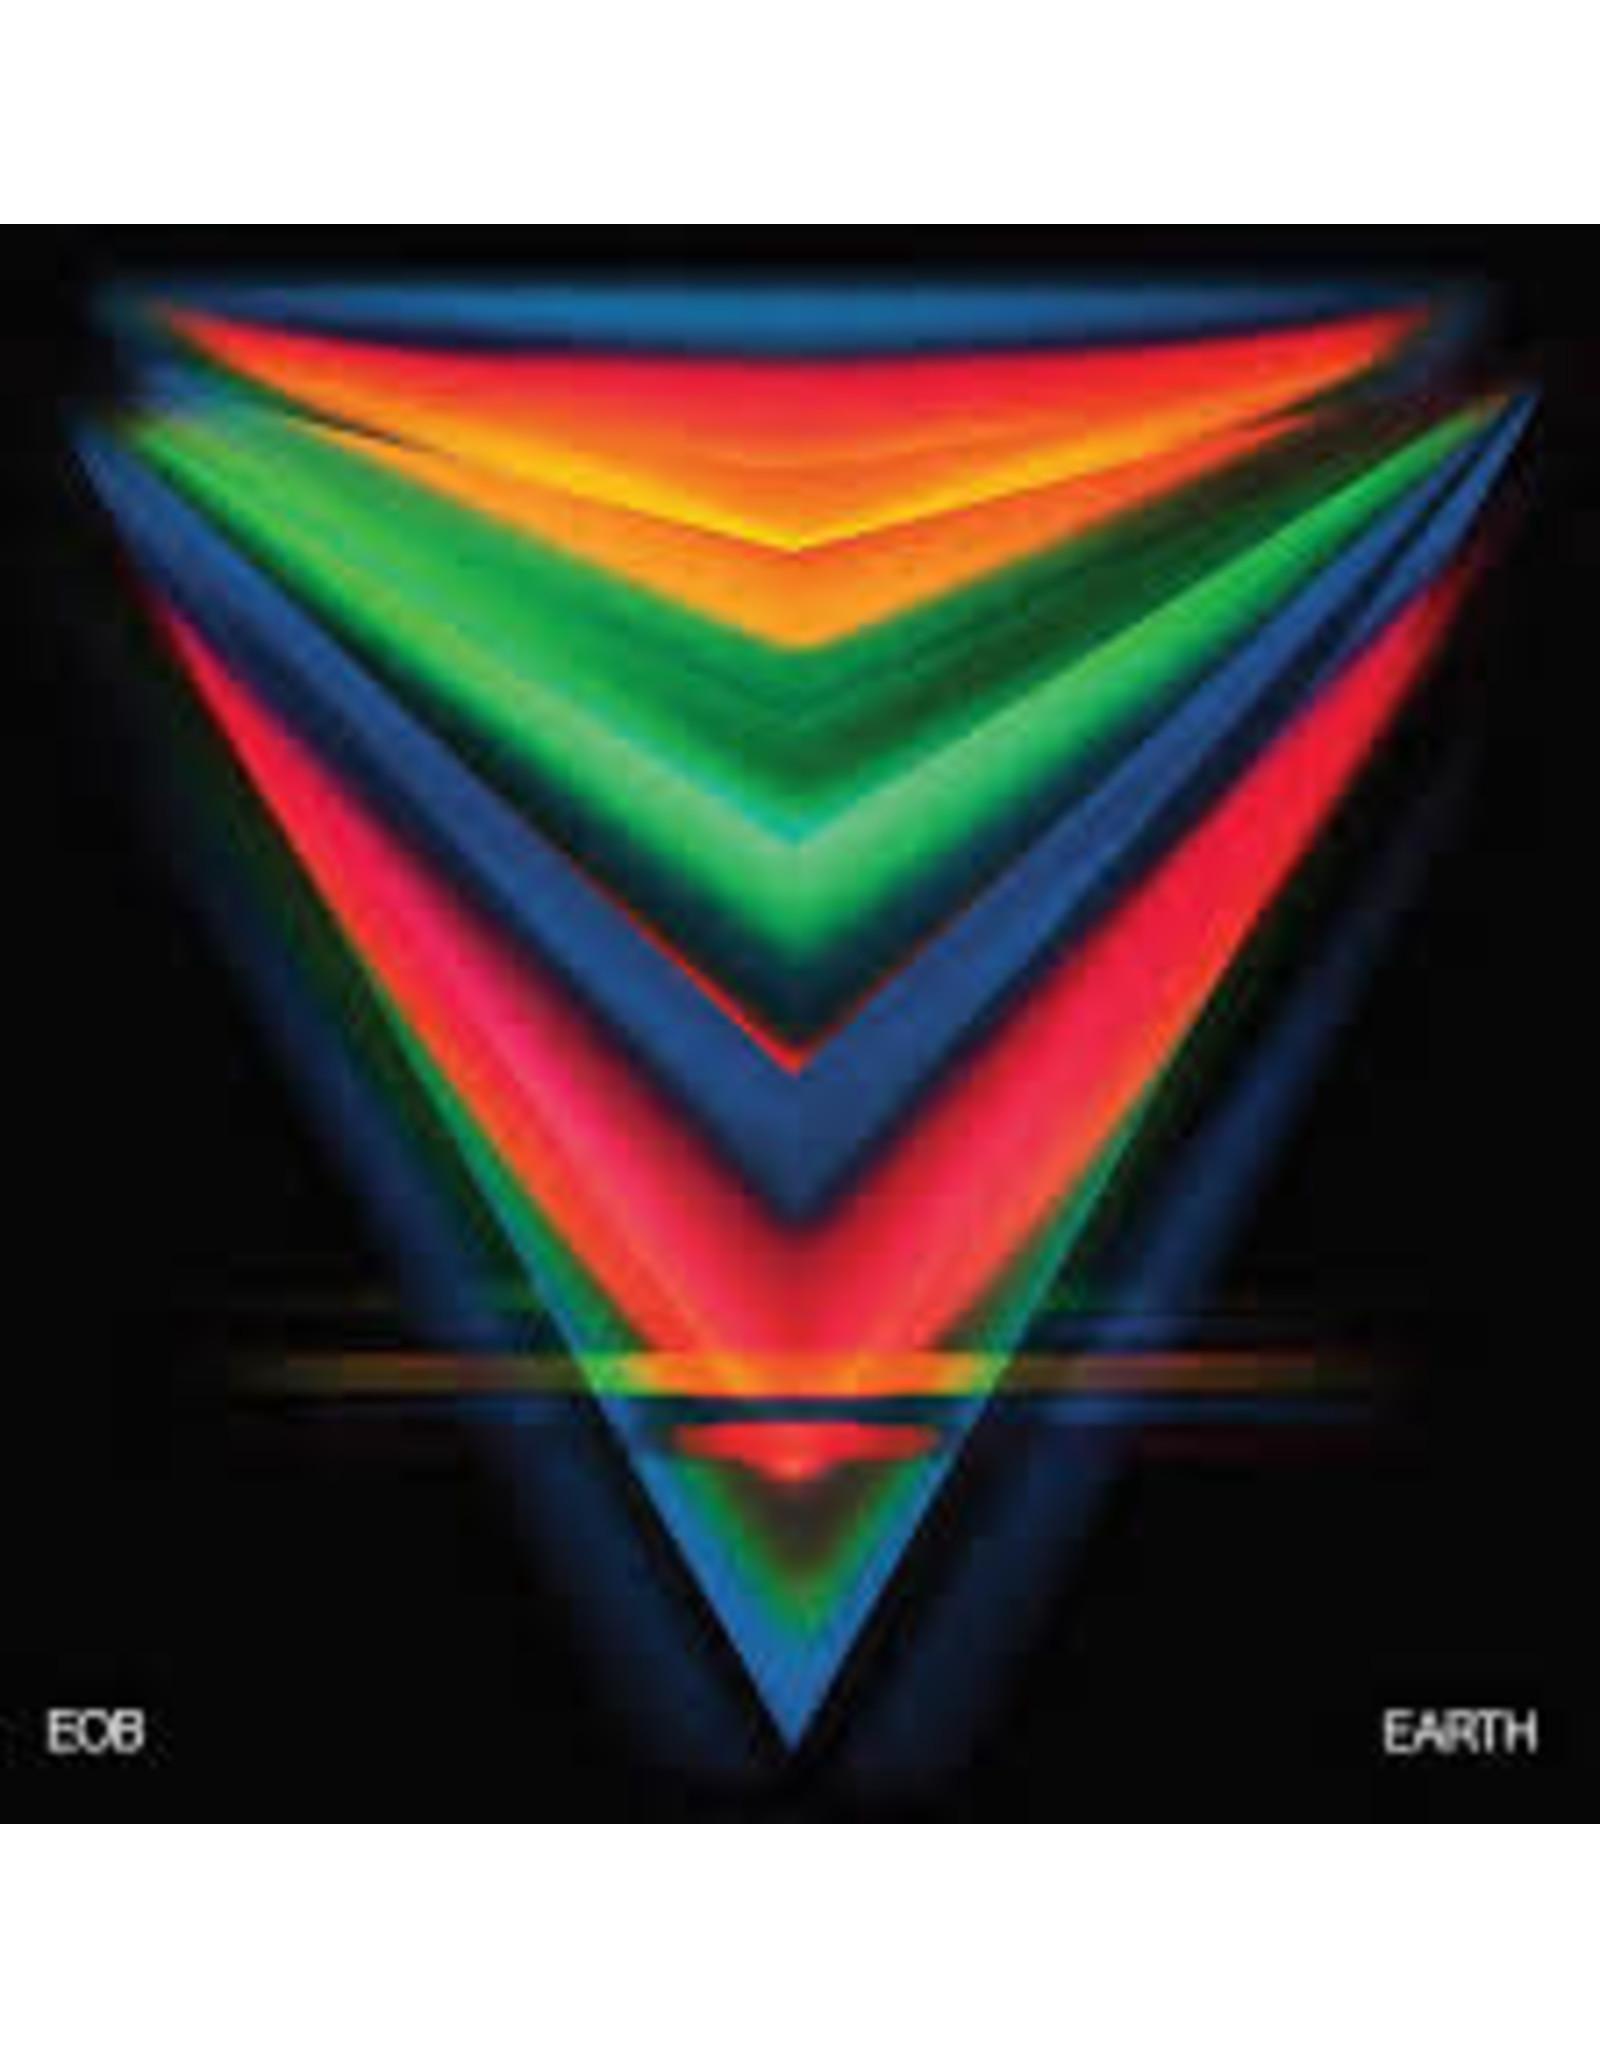 Earth (Ed O'Brien) - EOB CD